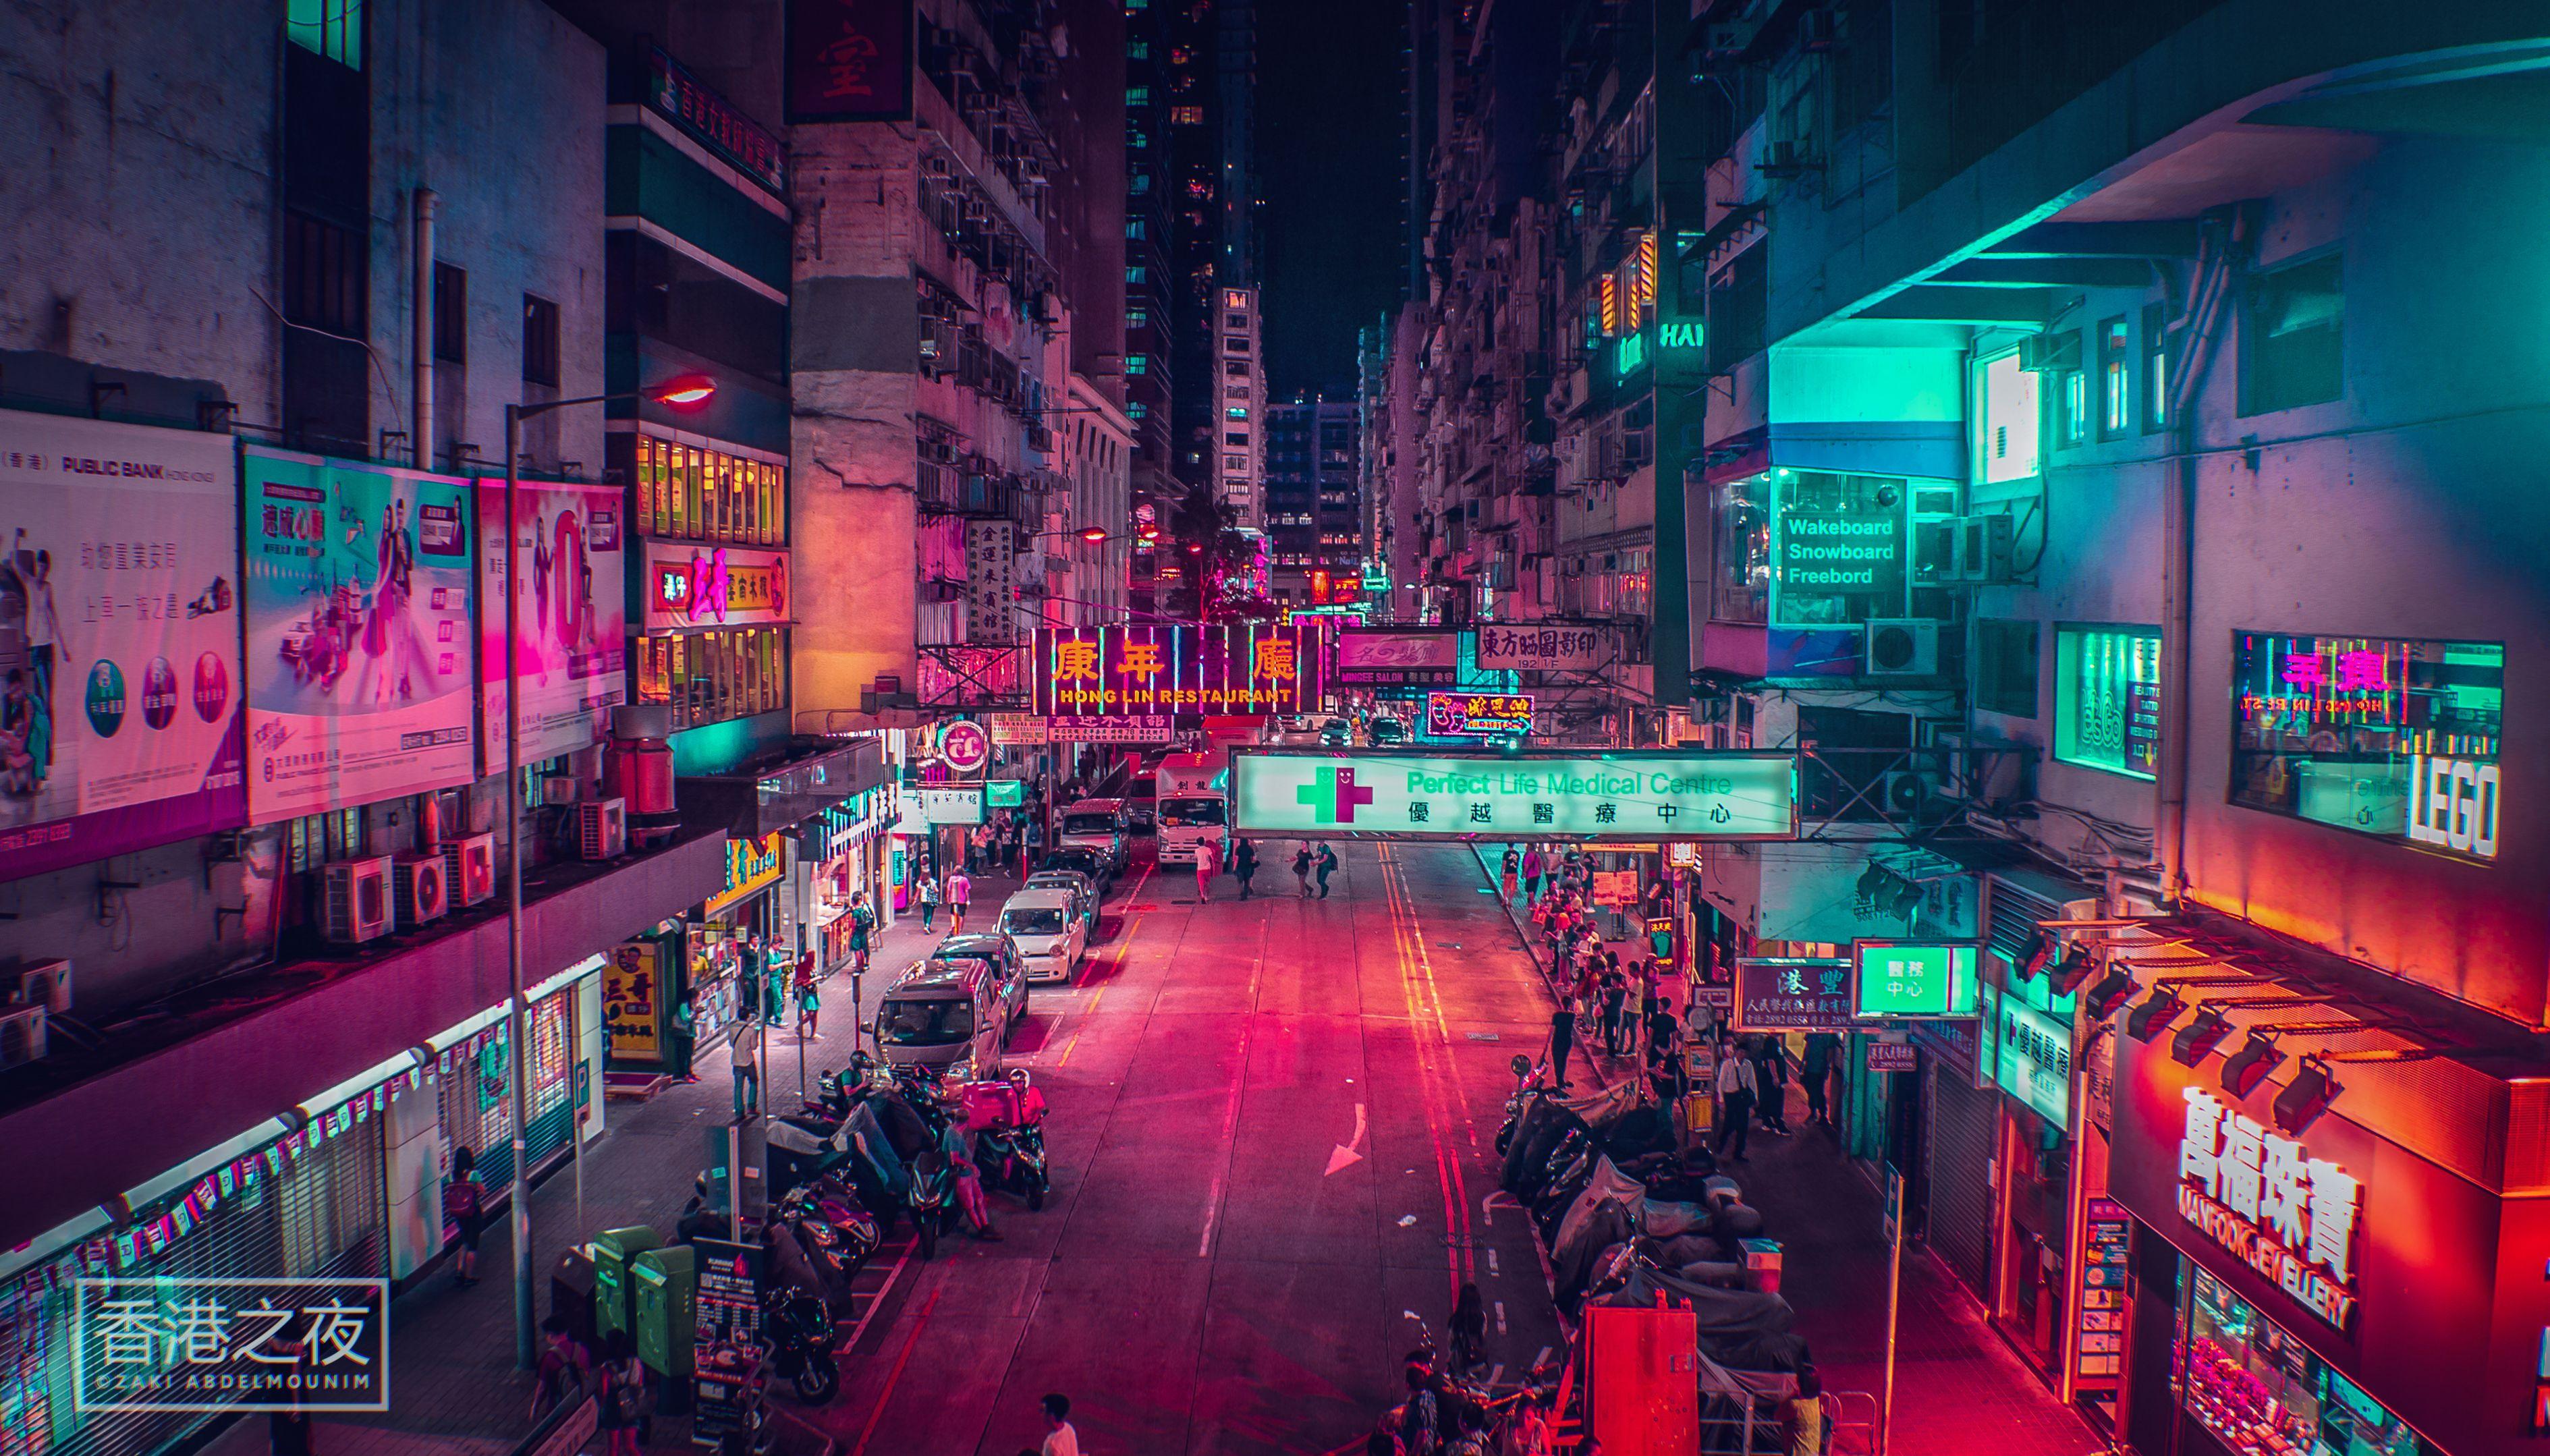 Neo Hong Kong by ZAKI Abdelmounim | Sci fi city, Cyberpunk city, Futuristic city